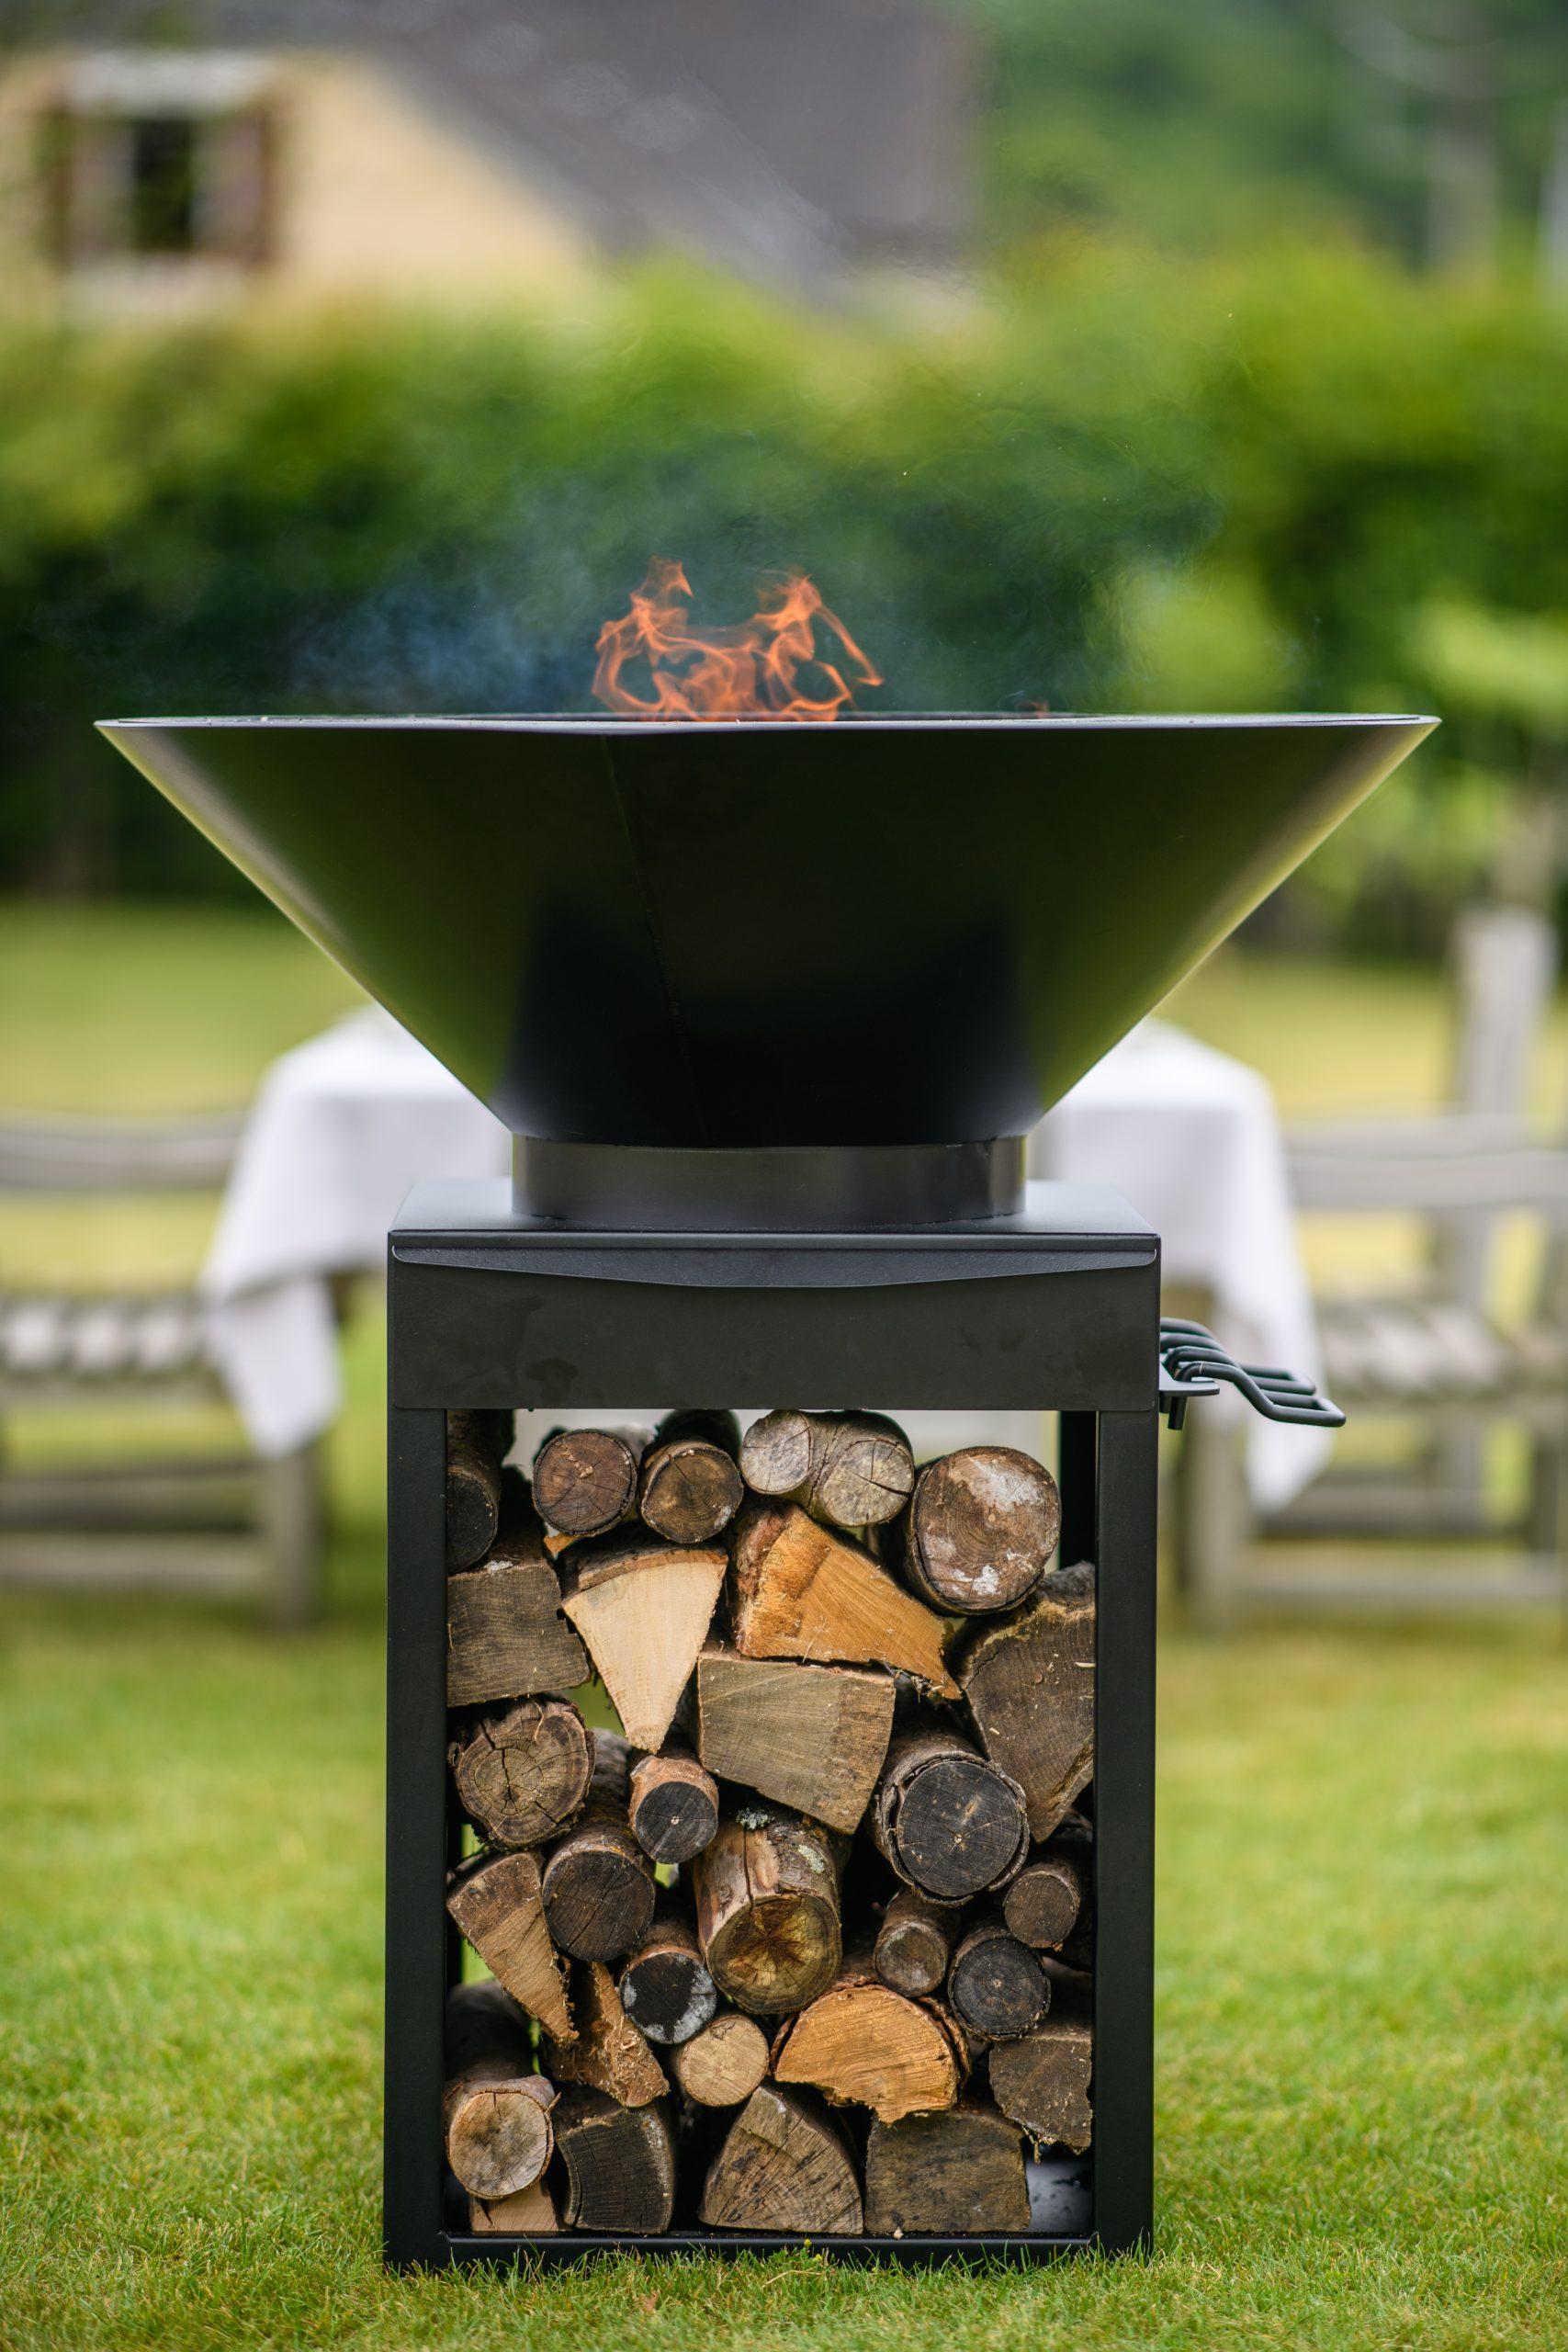 Le brasero Lierre Edition vu de côté. Le feu est allumé et nous apercevons le système de stockage de bois